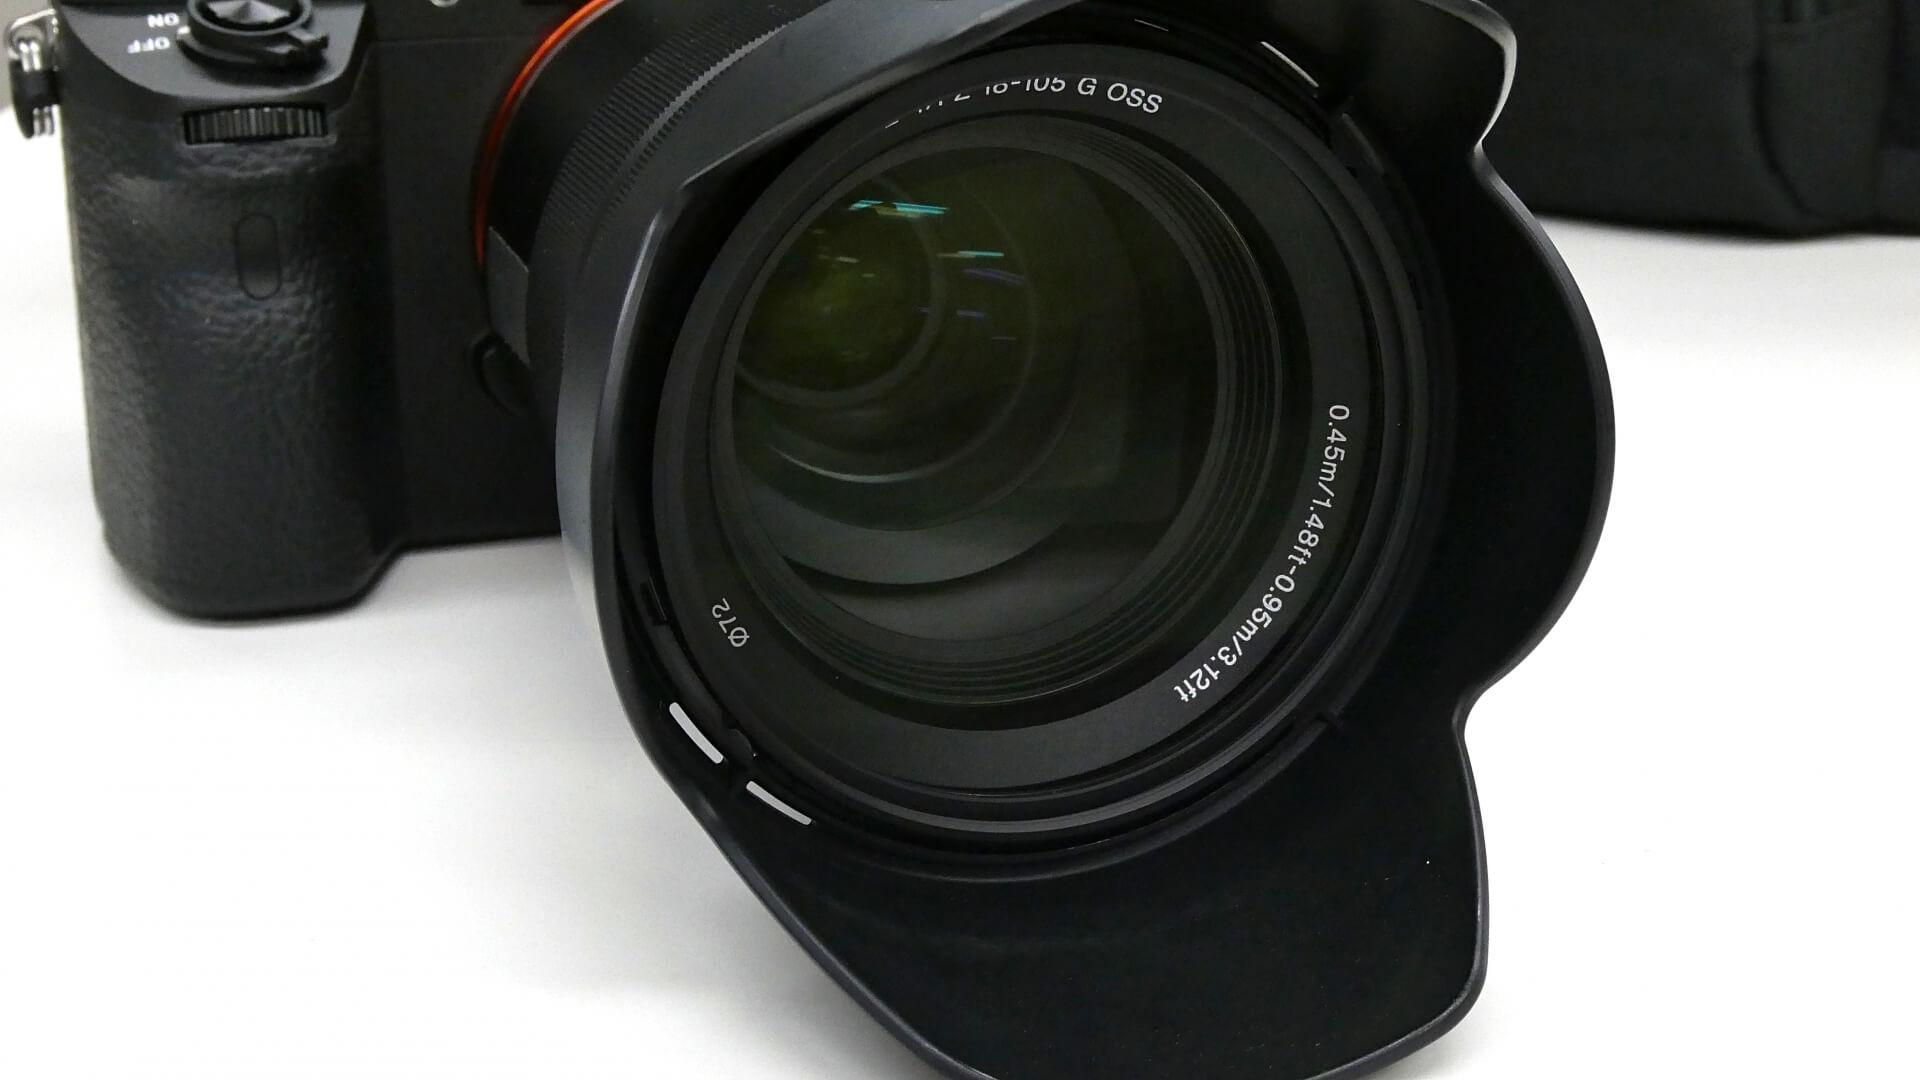 【おすすめ動画カメラ3タイプ】ポケカYouTuberになりたいあなた必見!対戦動画、開封動画、解説動画を撮影しよう!